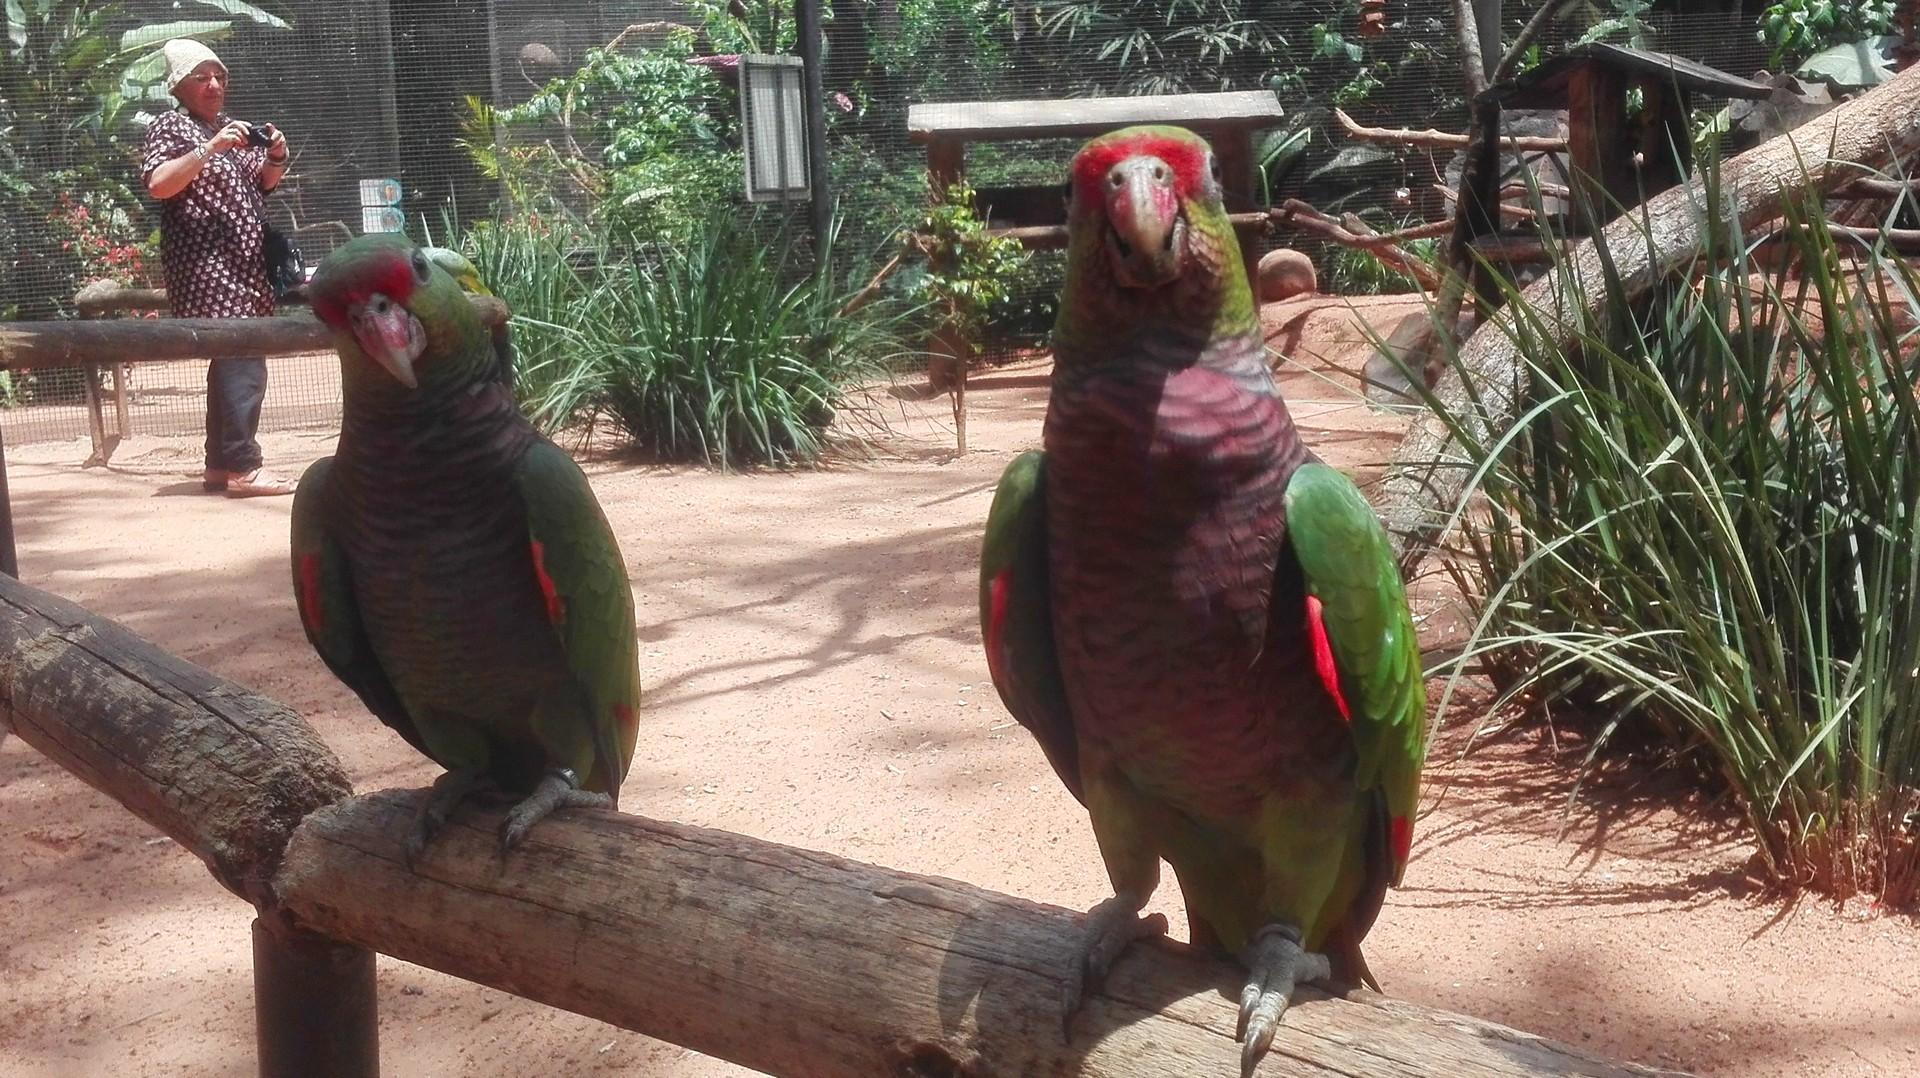 Papugi i tukany zdecydowanie są tam najbardziej towarzyskie